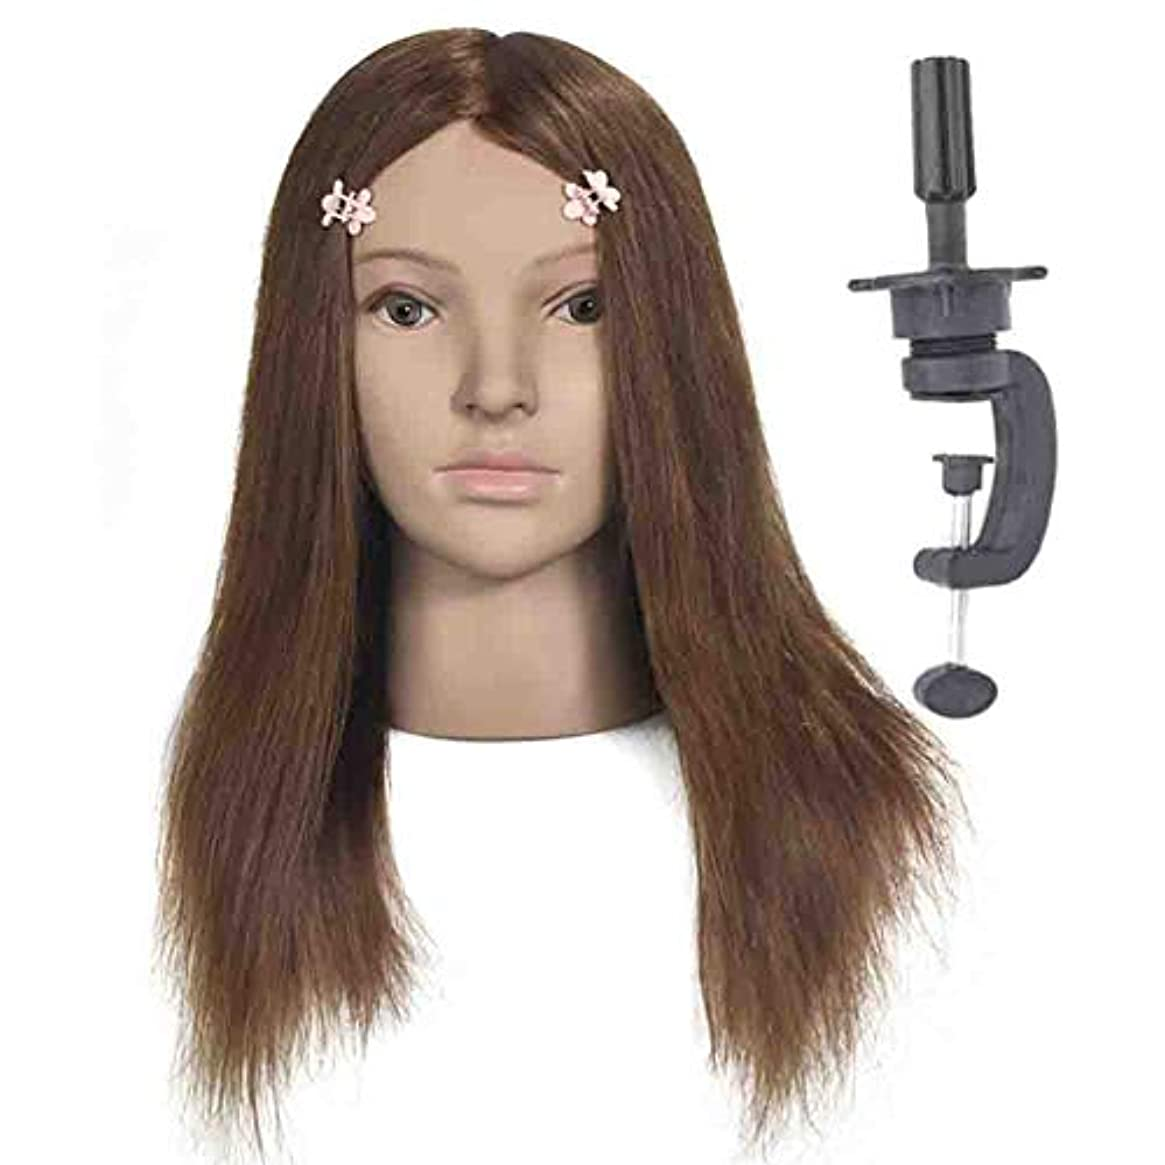 実際のカバレッジ防水100%本物の髪型モデルヘッド花嫁ヘアエクササイズヘッド金型理髪店学習ダミーヘッドはパーマ毛髪染料することができます